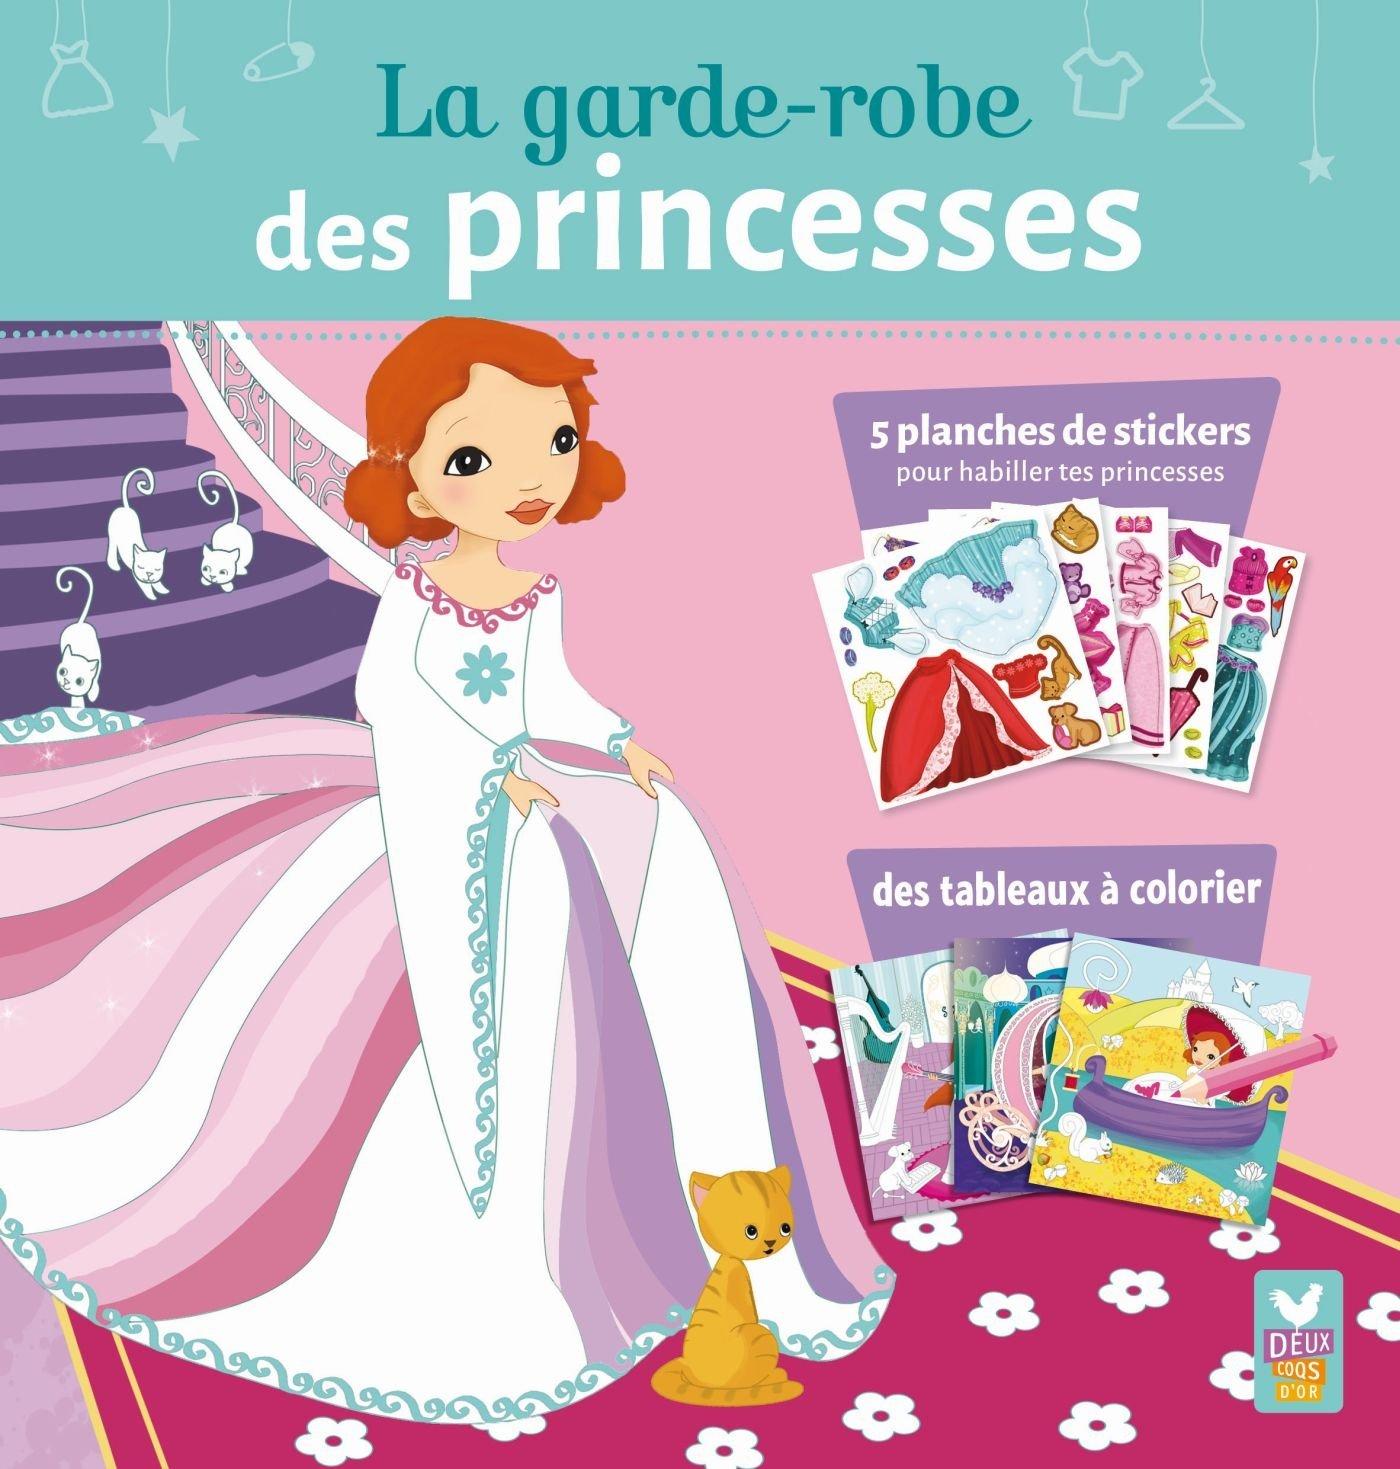 La garde-robe des princesses